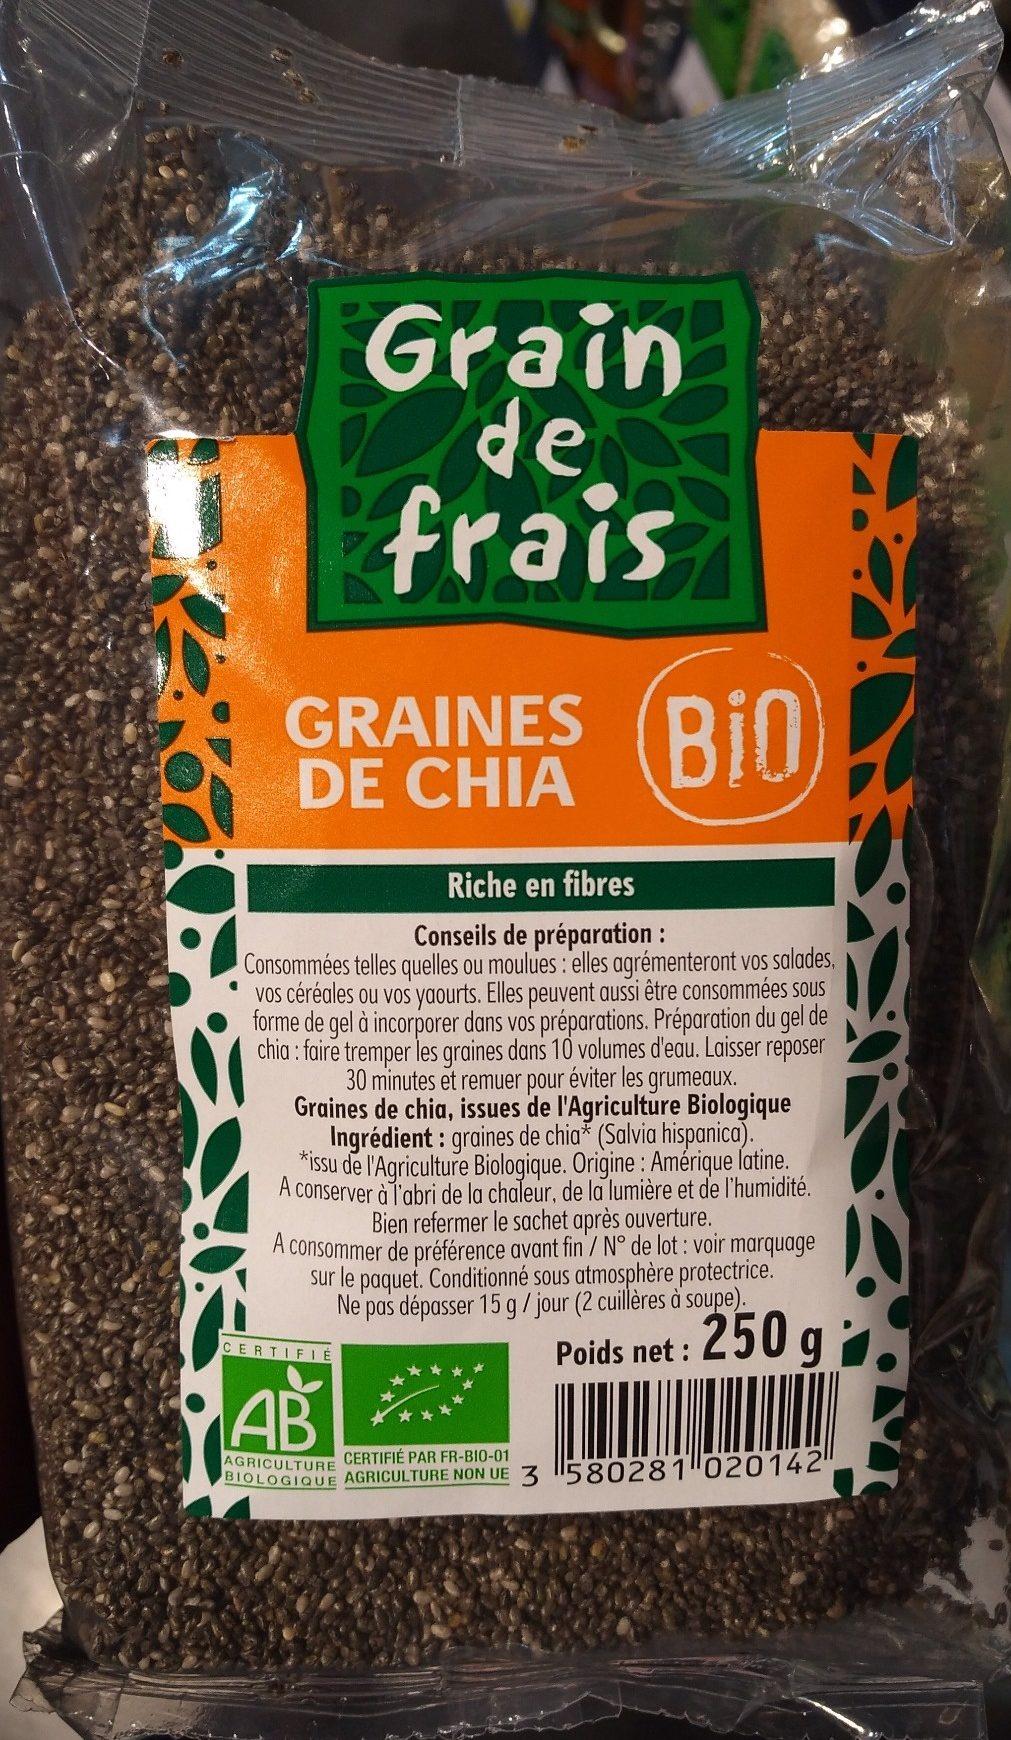 Graine de chia - Produit - fr